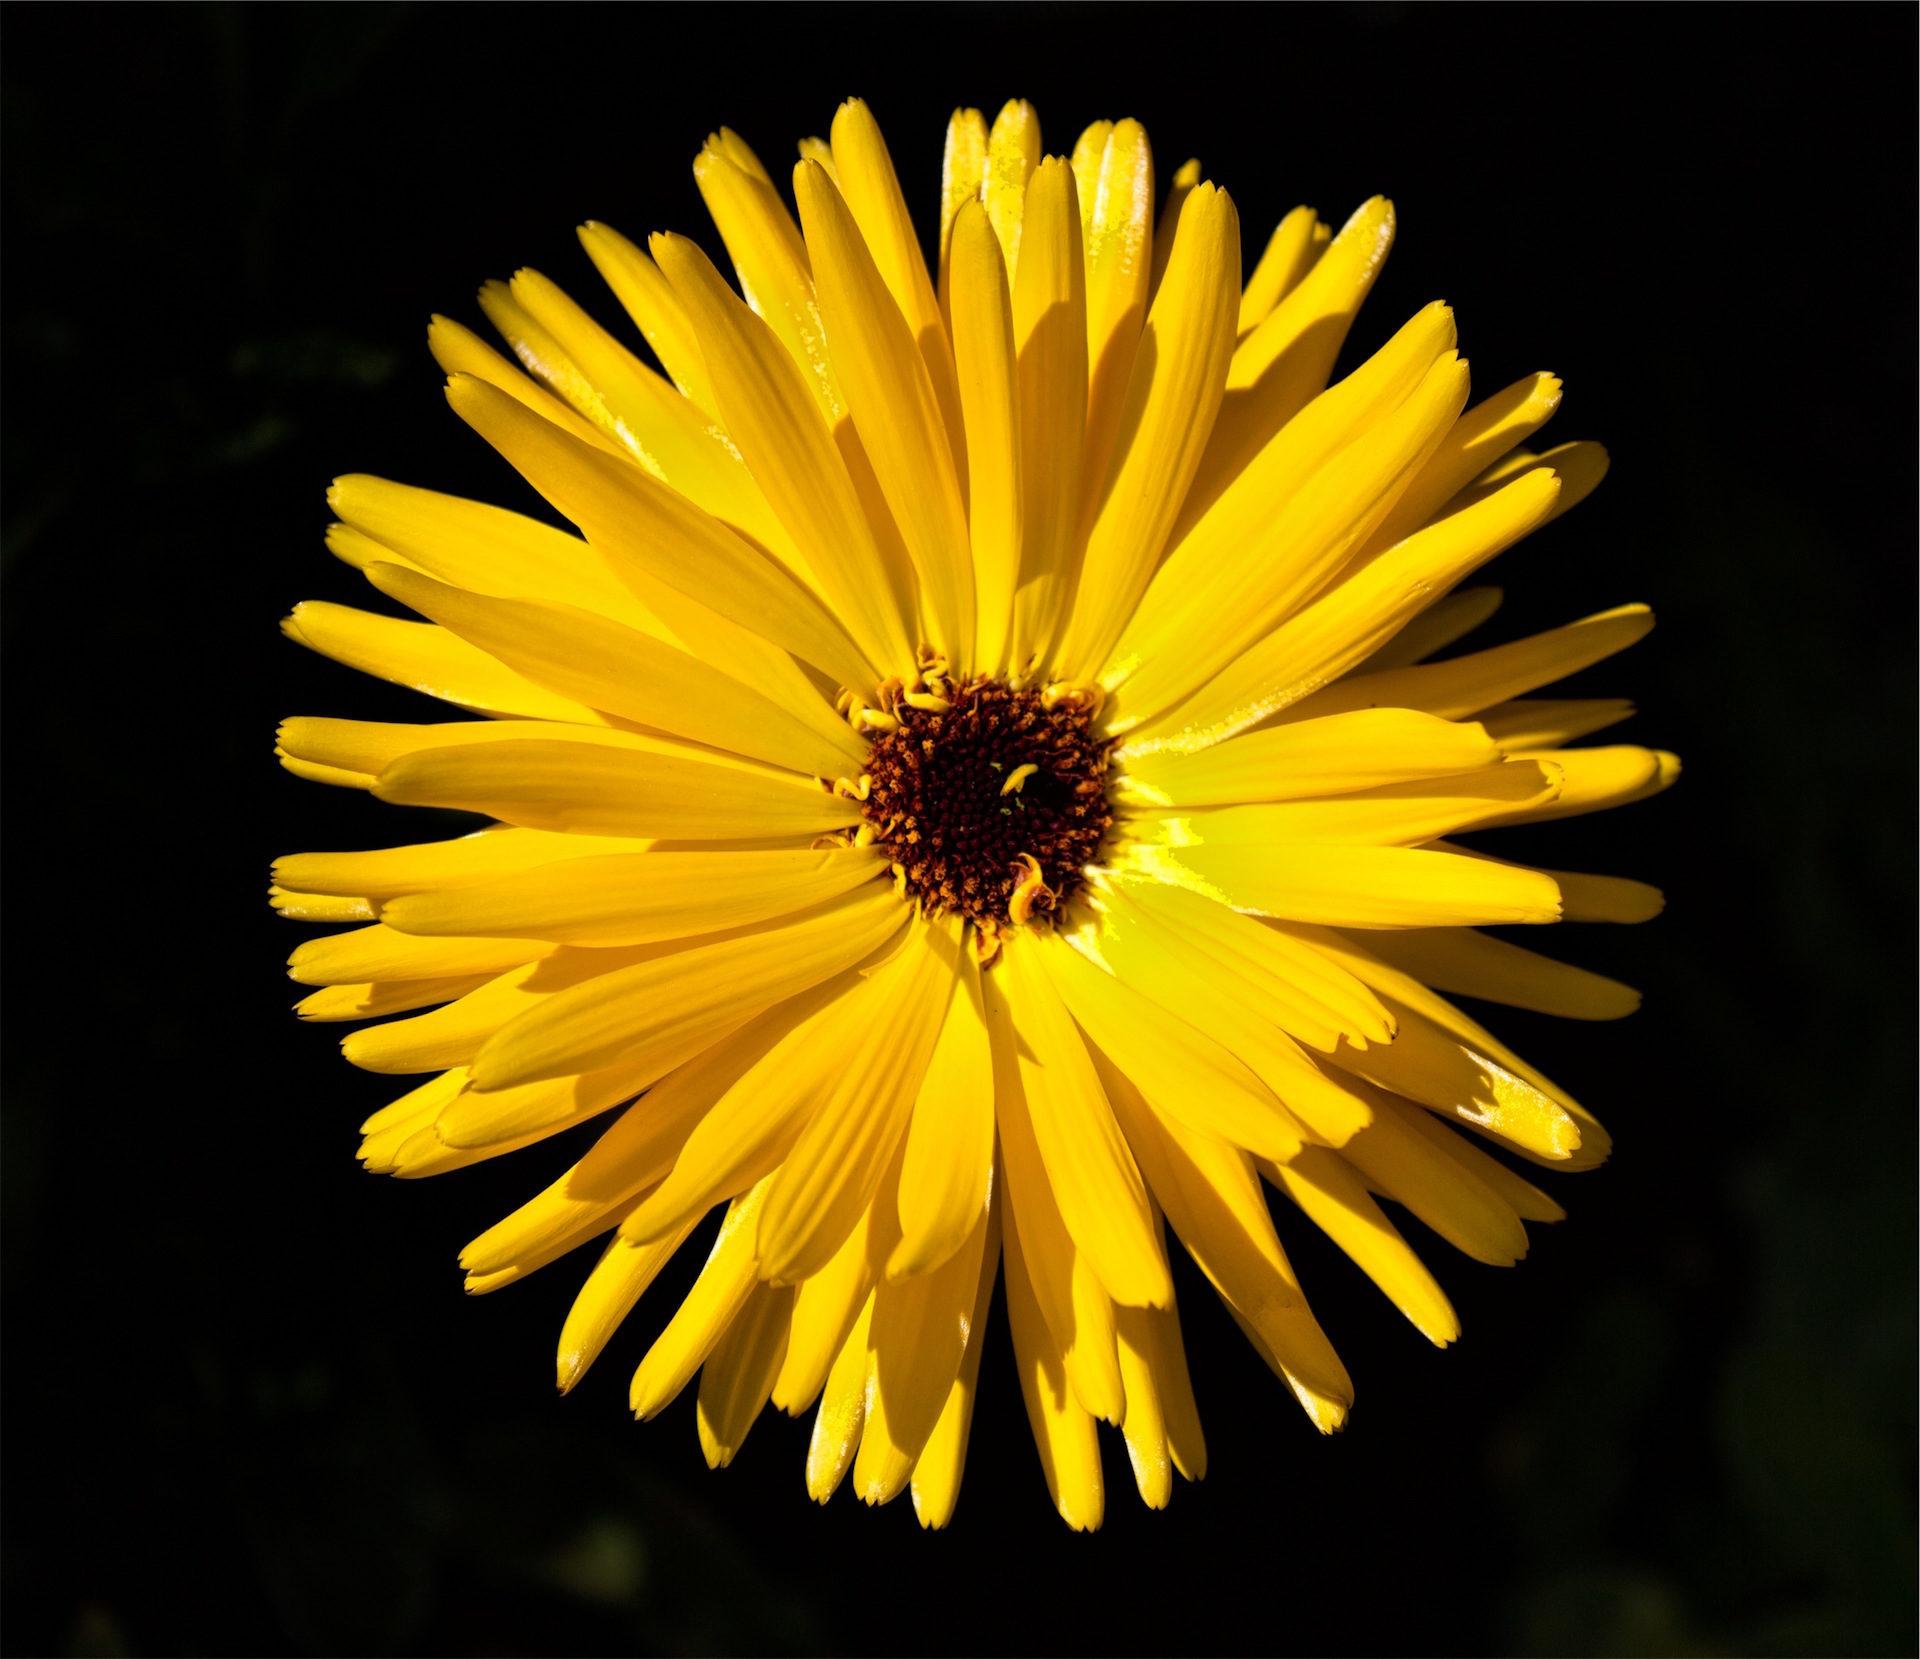 फूल, पंखुड़ियों, पुंकेसर, pistils, पीला - HD वॉलपेपर - प्रोफेसर-falken.com